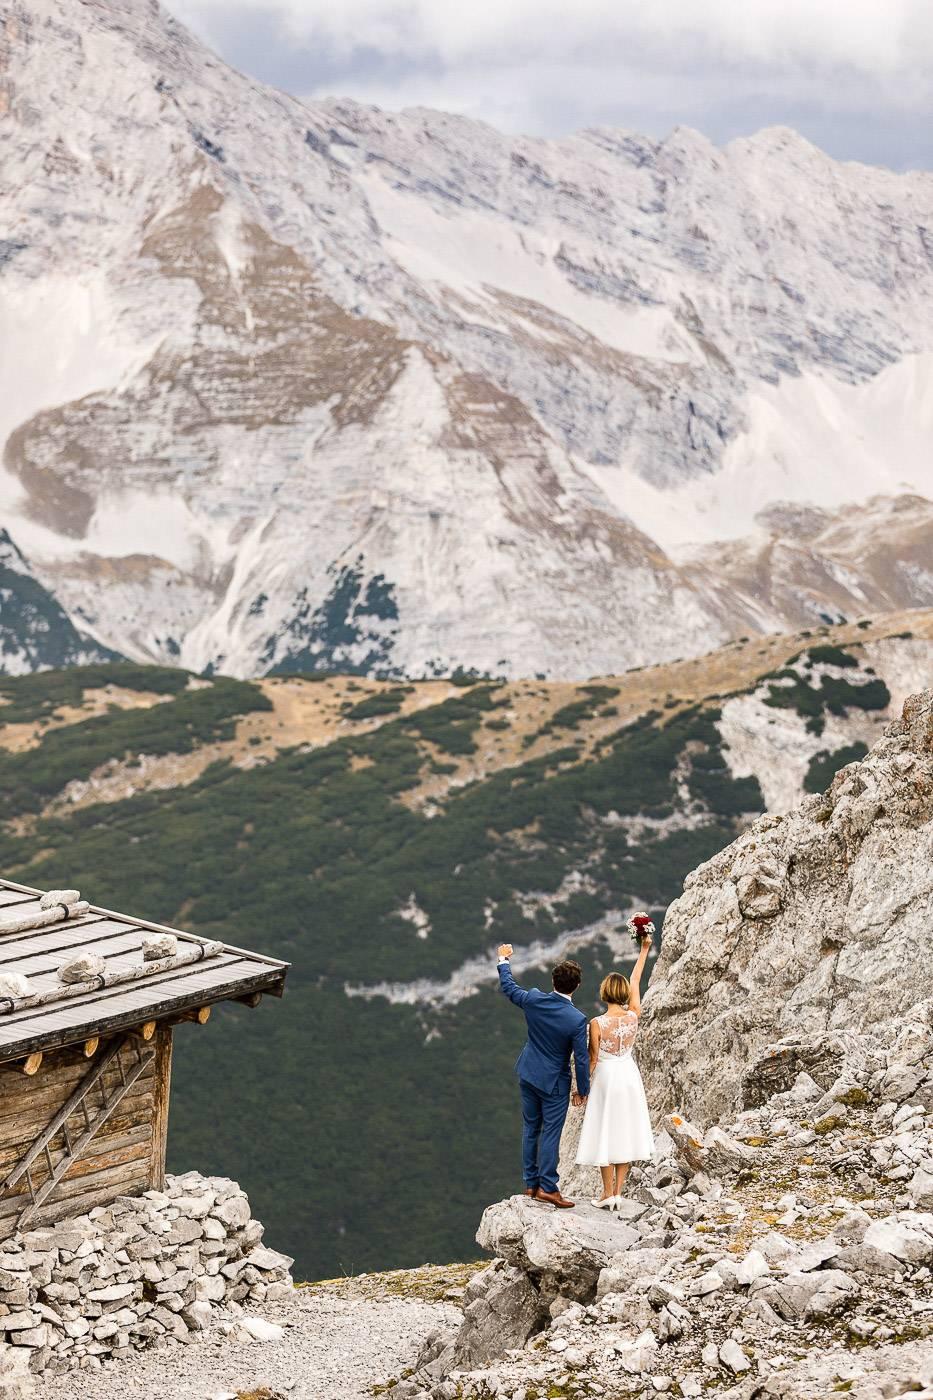 aschenputtel-hochzeitsfotograf-innsbruck-nordkette-tirol